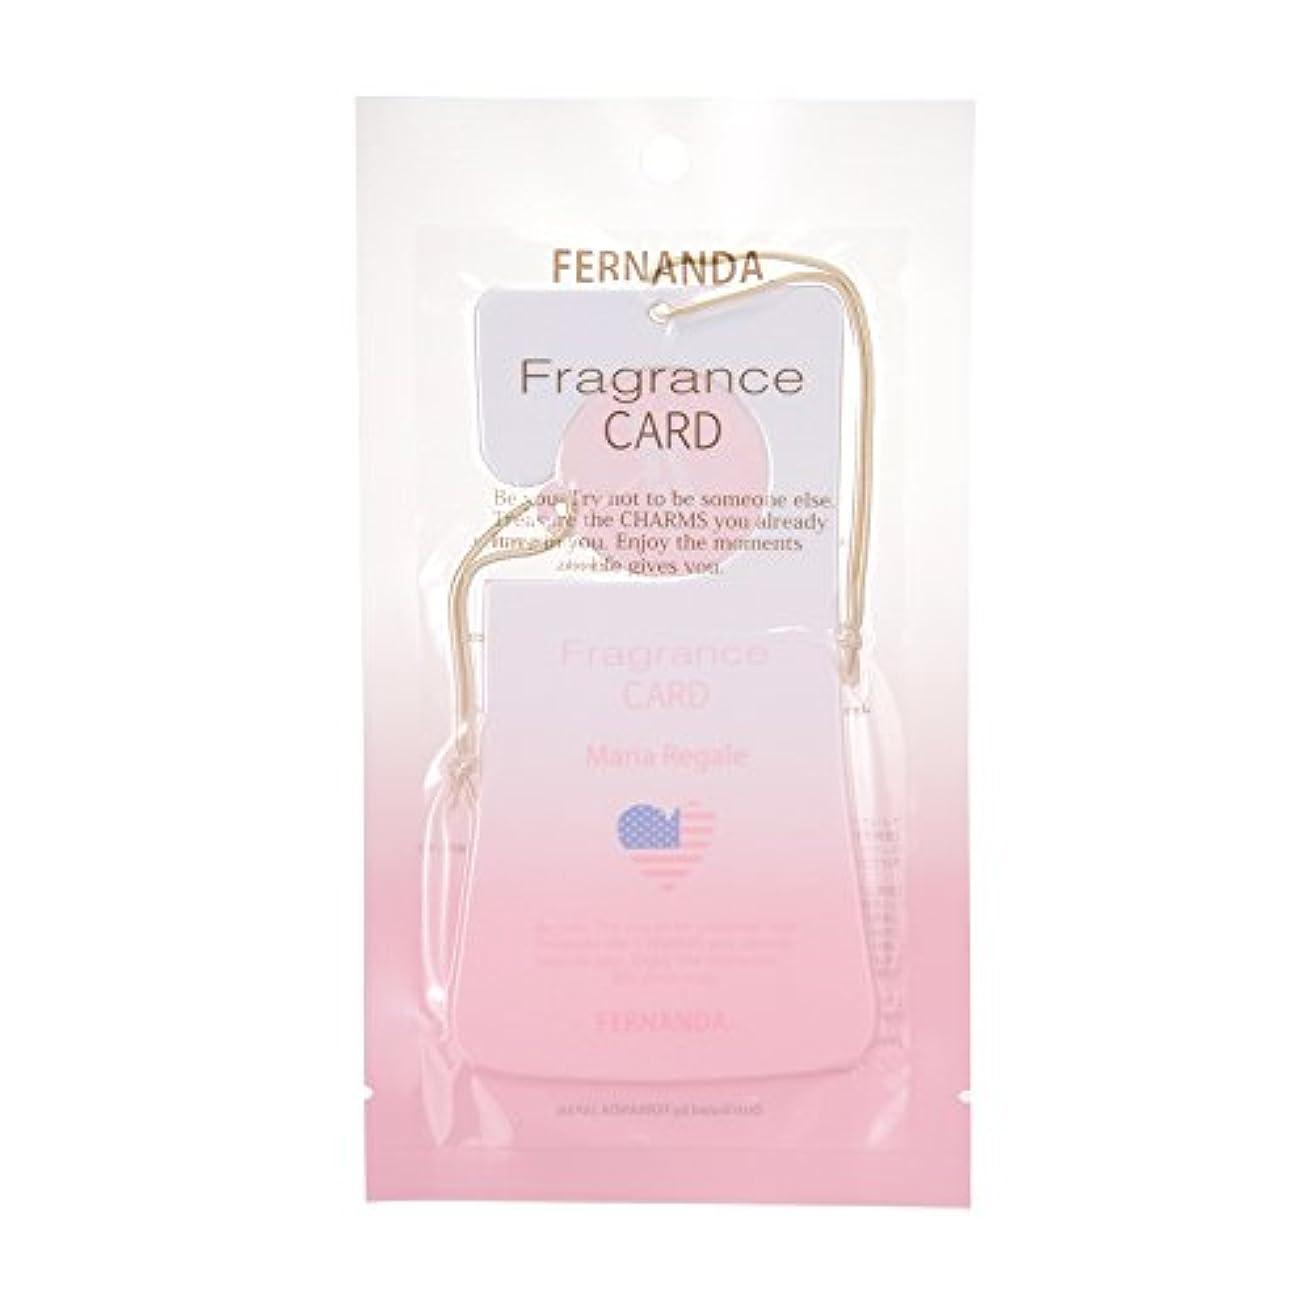 クッション必需品取り扱いFERNANDA(フェルナンダ) Fragrance Card Maria Regale (フレグランスカード マリアリゲル)